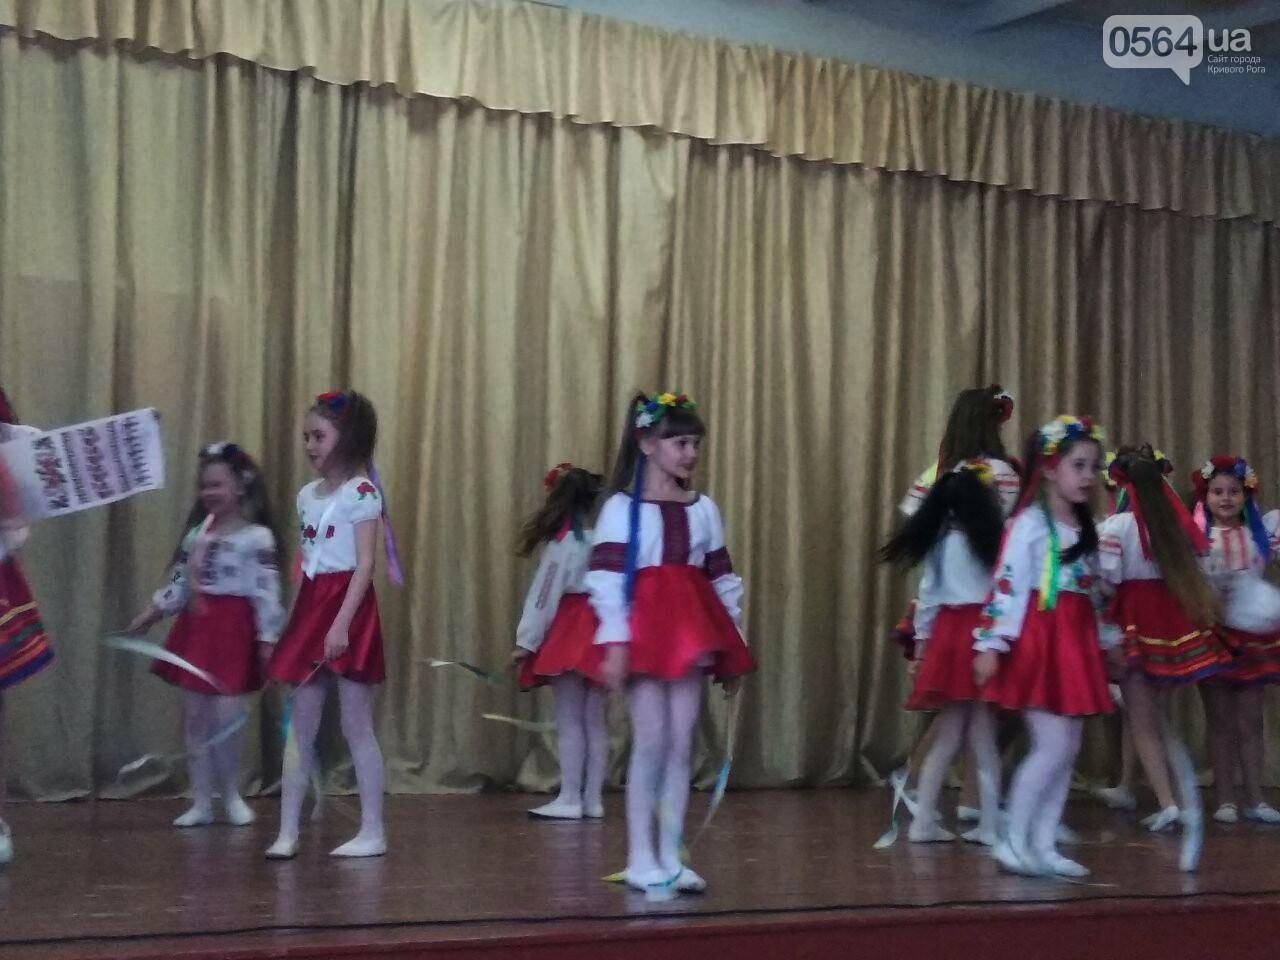 Криворожские школьники провели благотворительный концерт в поддержку бойцов АТО (ФОТО), фото-16